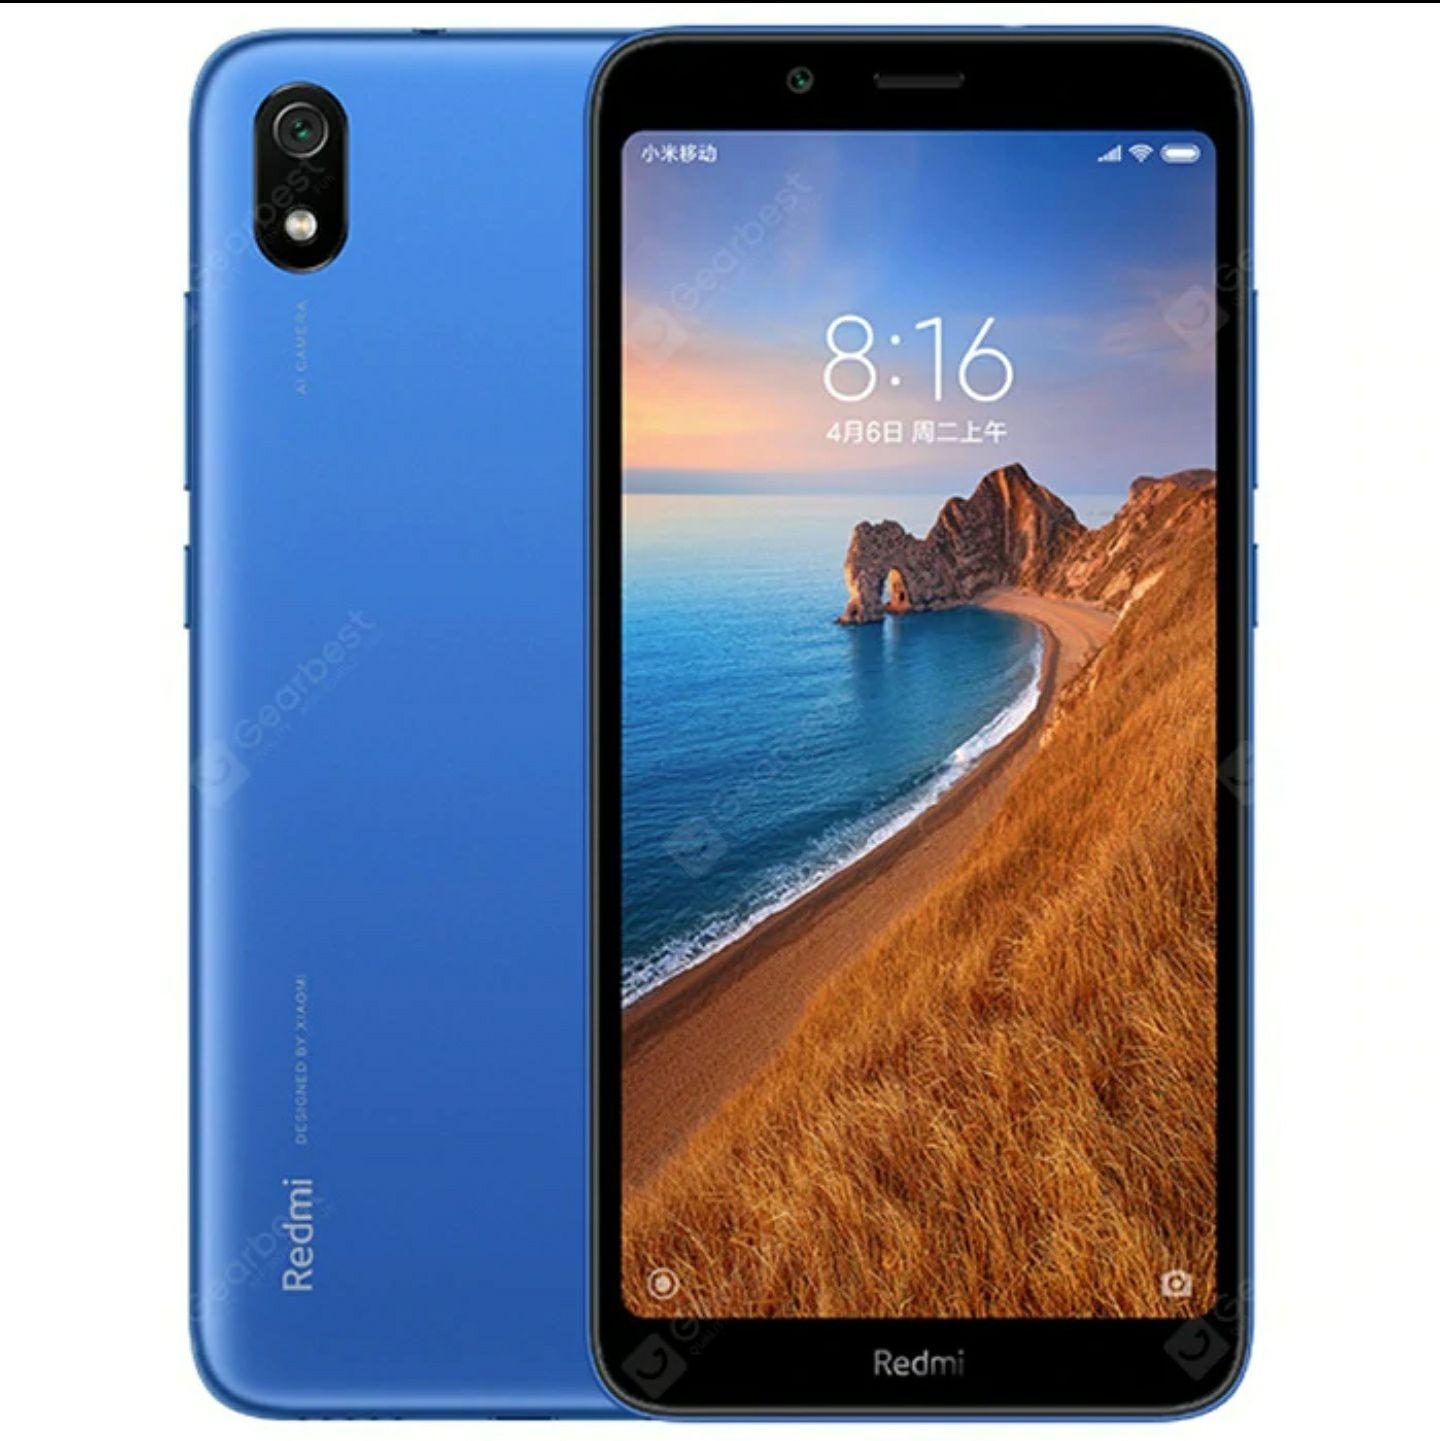 Redmi 7a 32gb Phone - Global Version £59.13 @ Gearbest